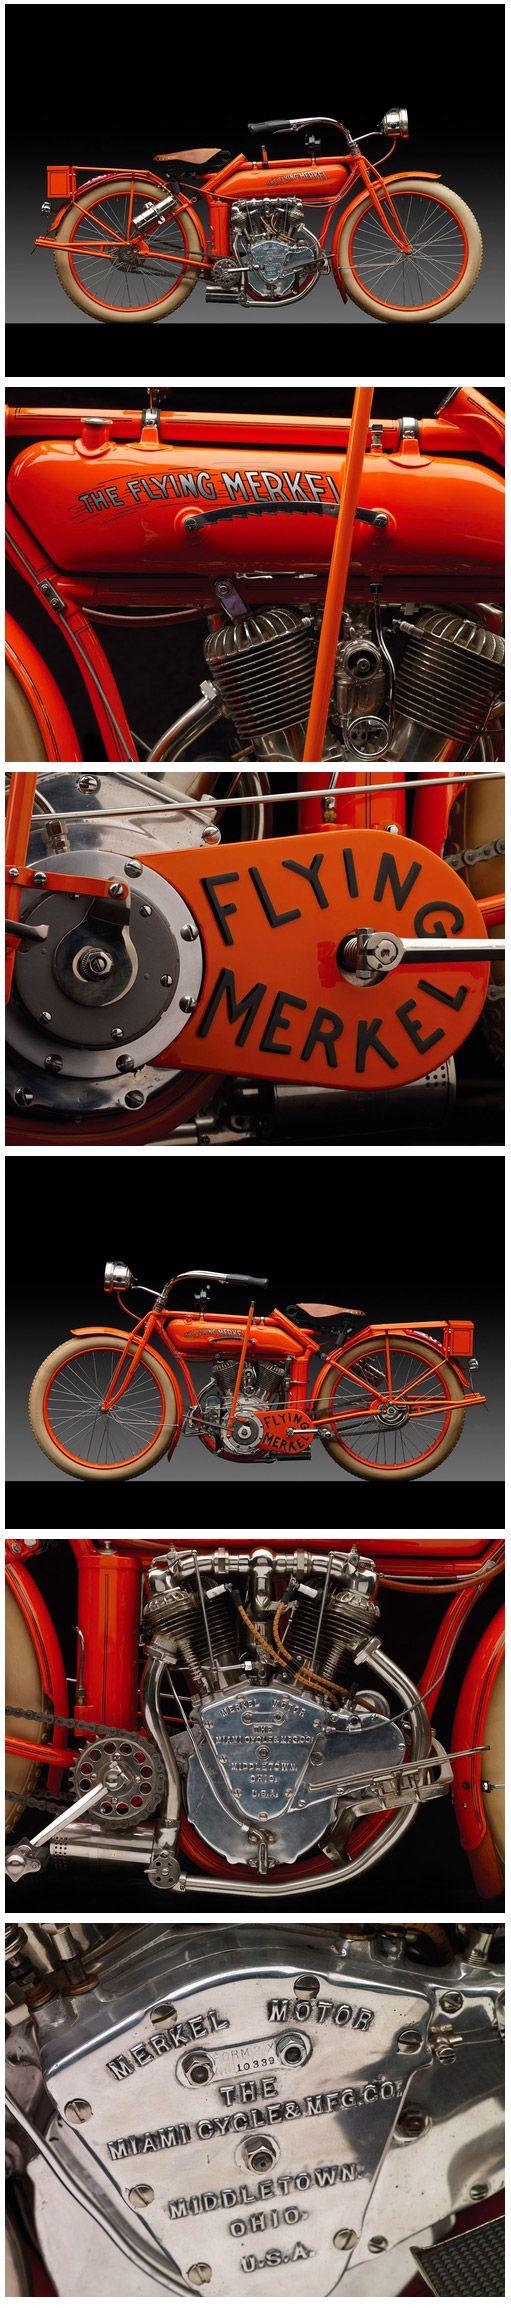 1914 Merkel Model 471 Flying Merkel Motorcycle. Merkel Motorcycles (1902-1917). Middletown, Ohio.